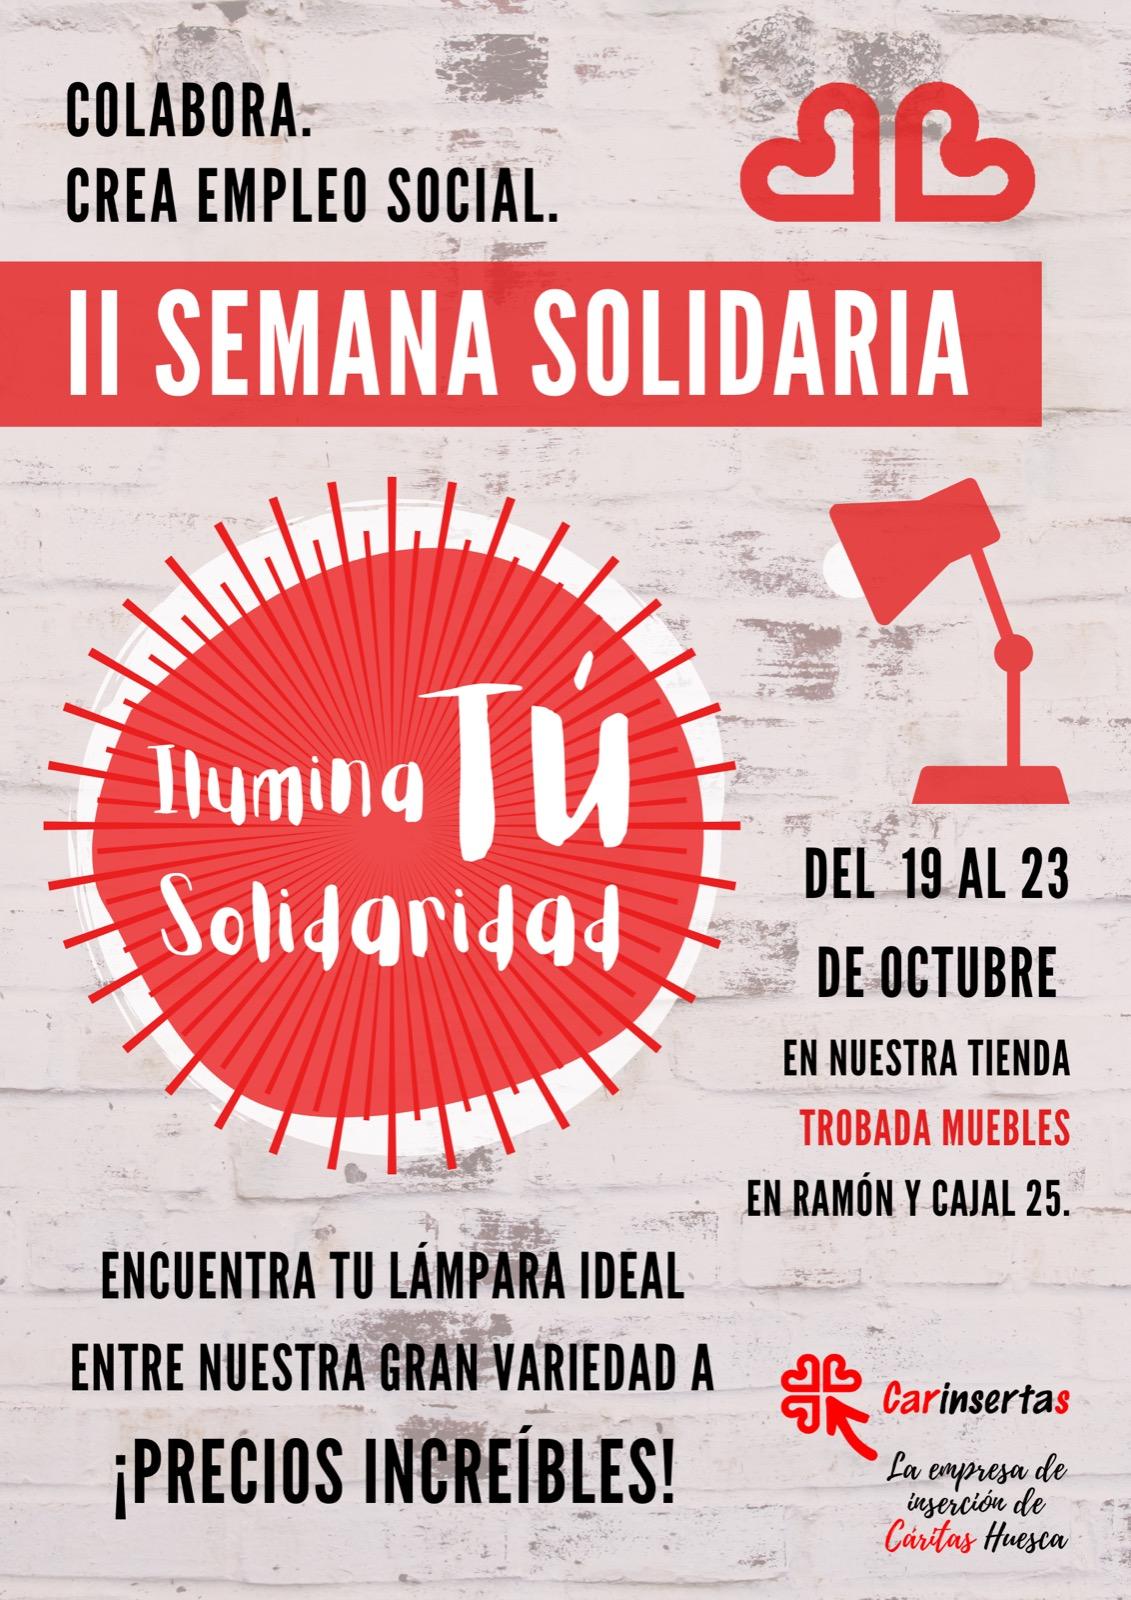 Carinsertas anima a iluminar la solidaridad